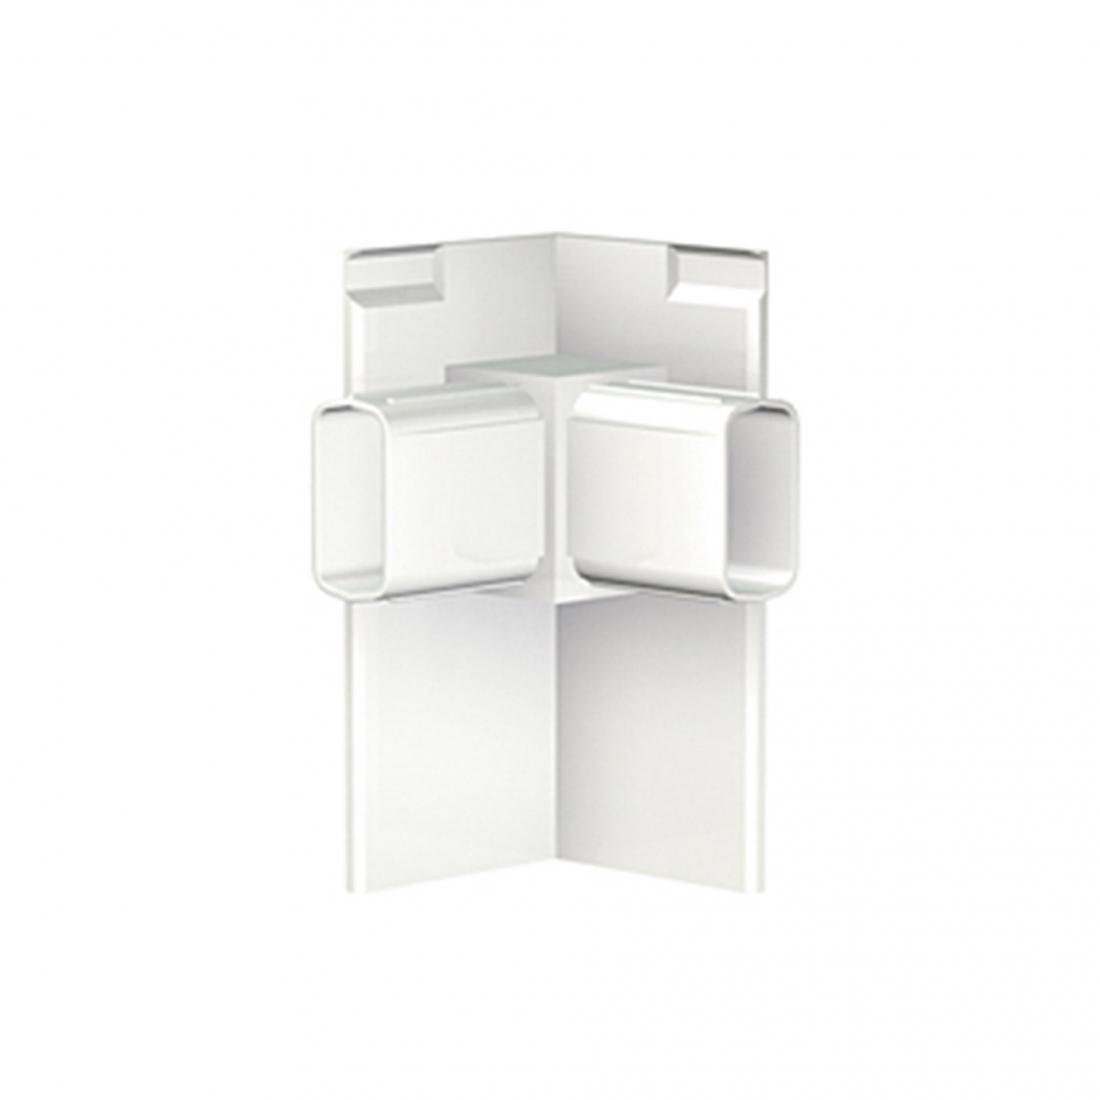 conector color blanco esquina de pared para tira de perfil riel guia para colgar cuadros sin hacer agujeros, artiteq pro 50 kg